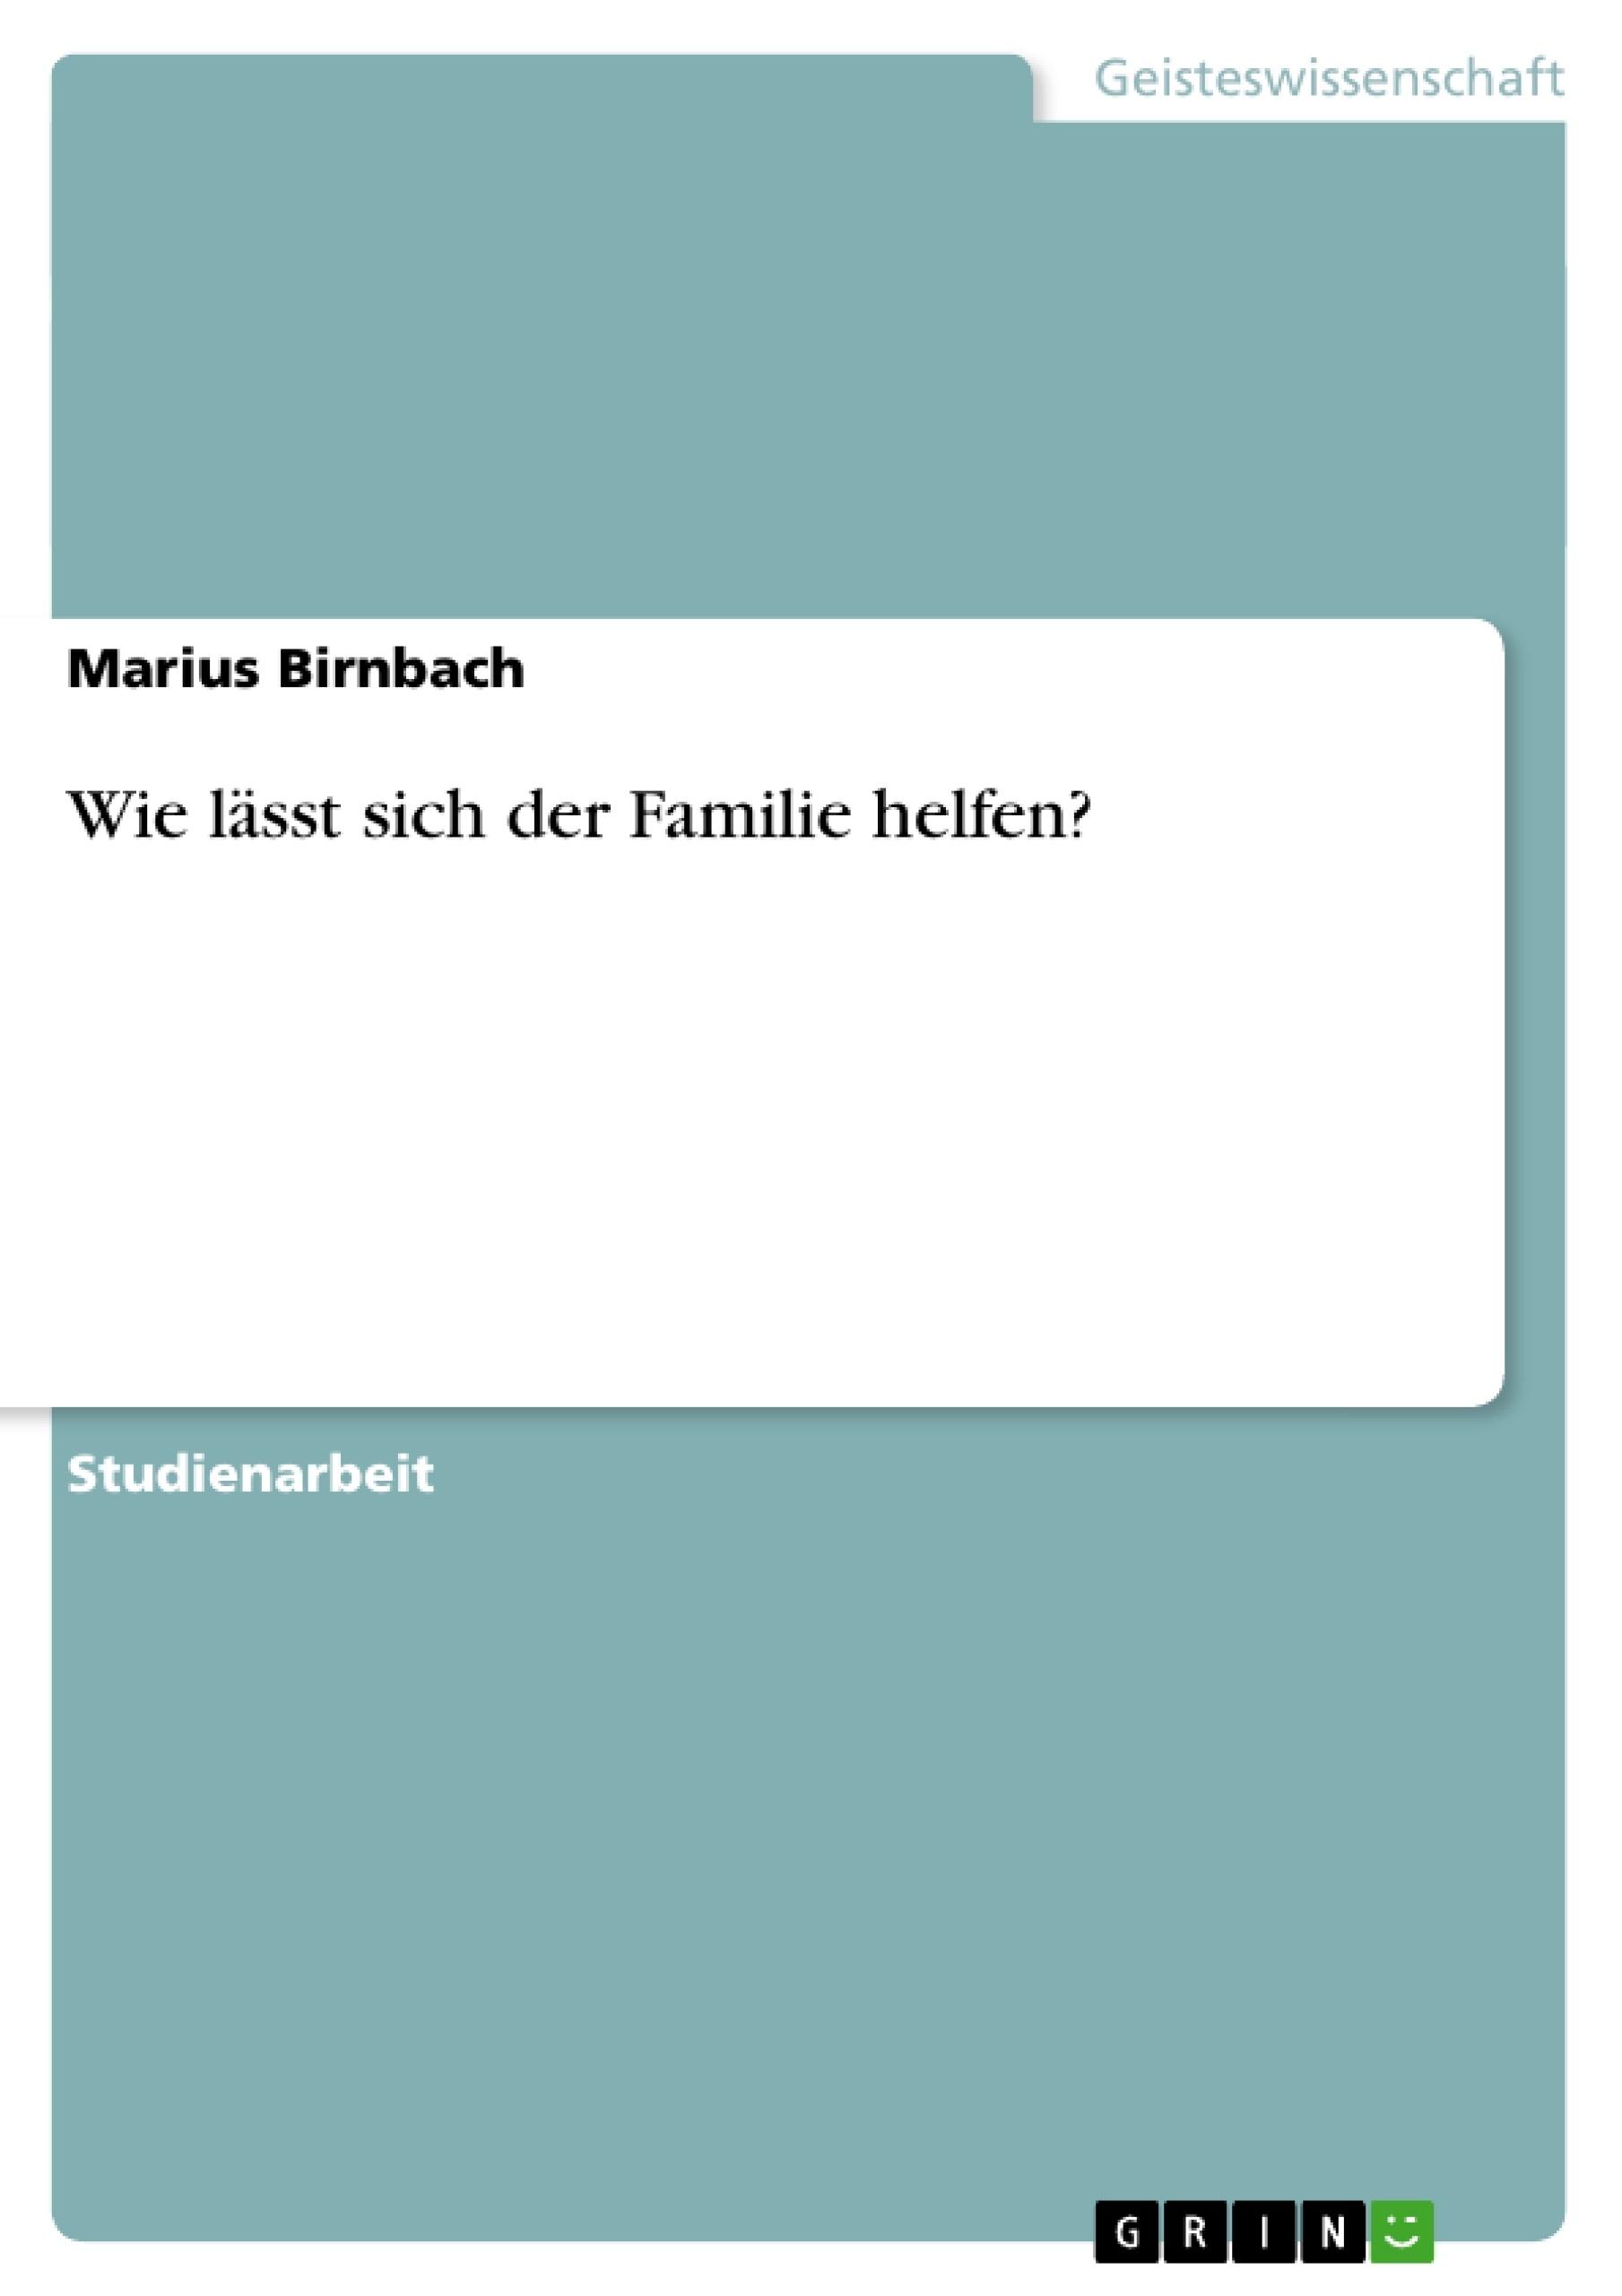 Titel: Wie lässt sich der Familie helfen?